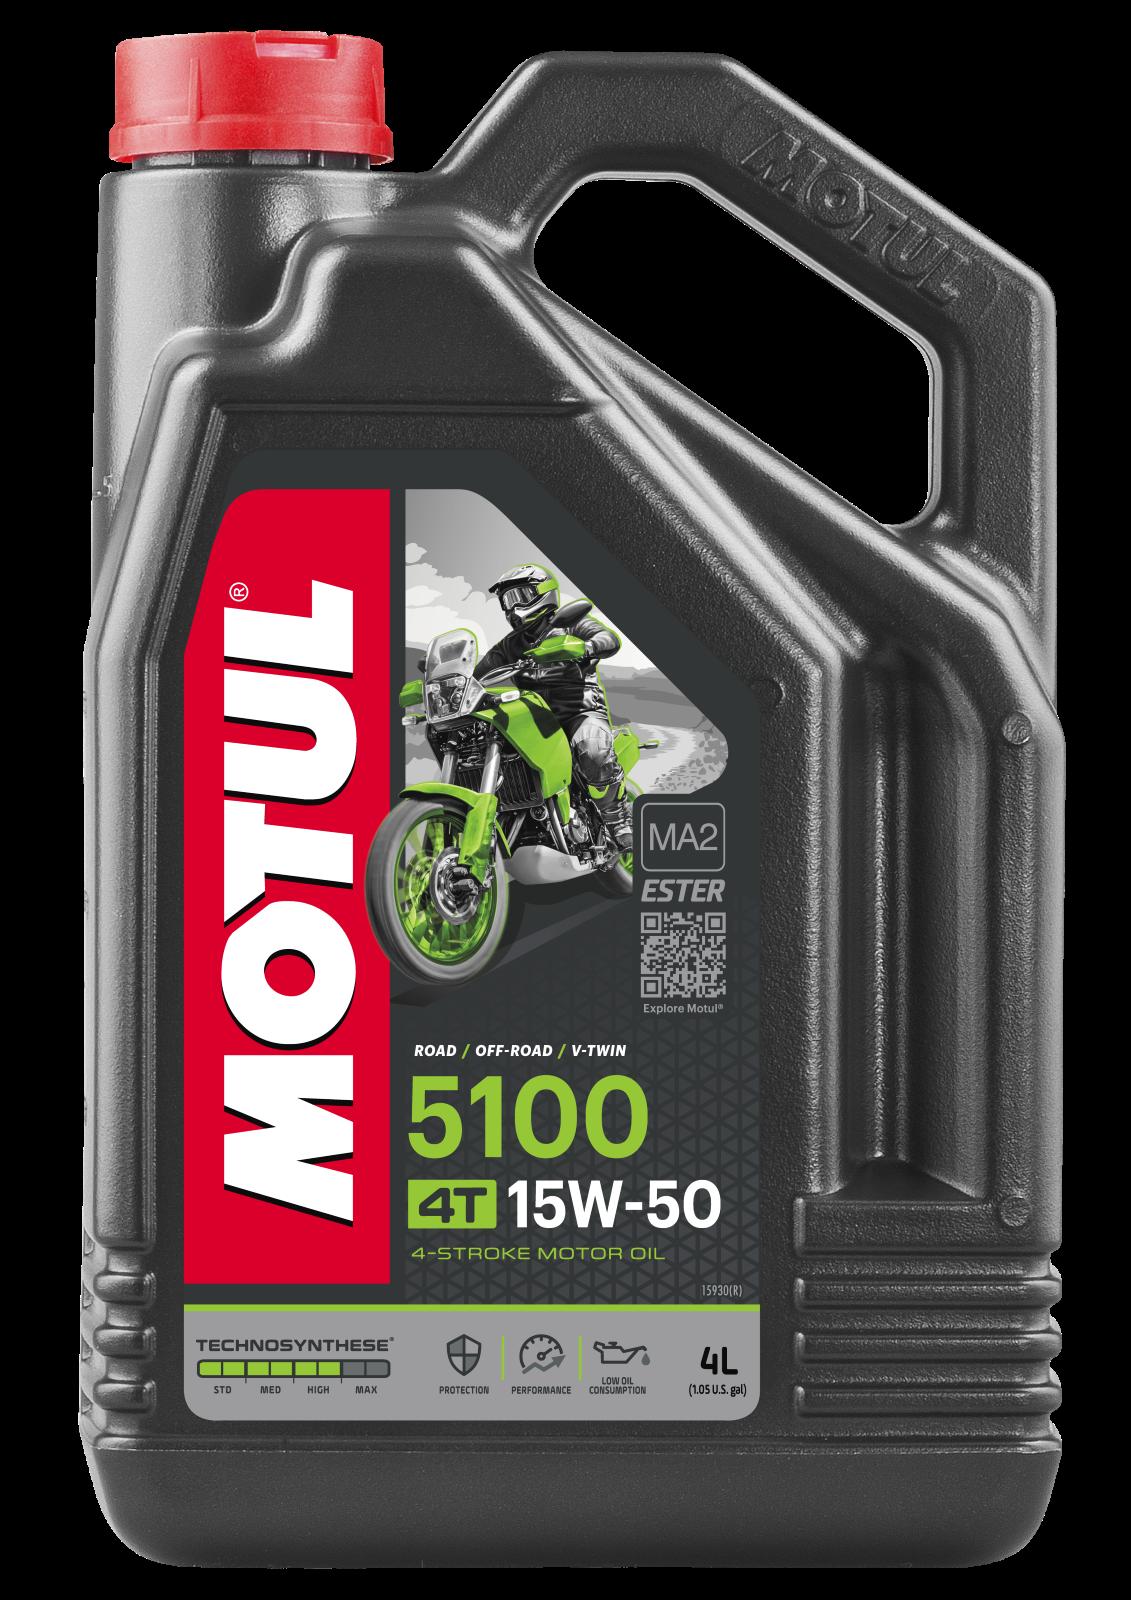 MOTUL AG MOTUL 5100 4T 15W-50 4L